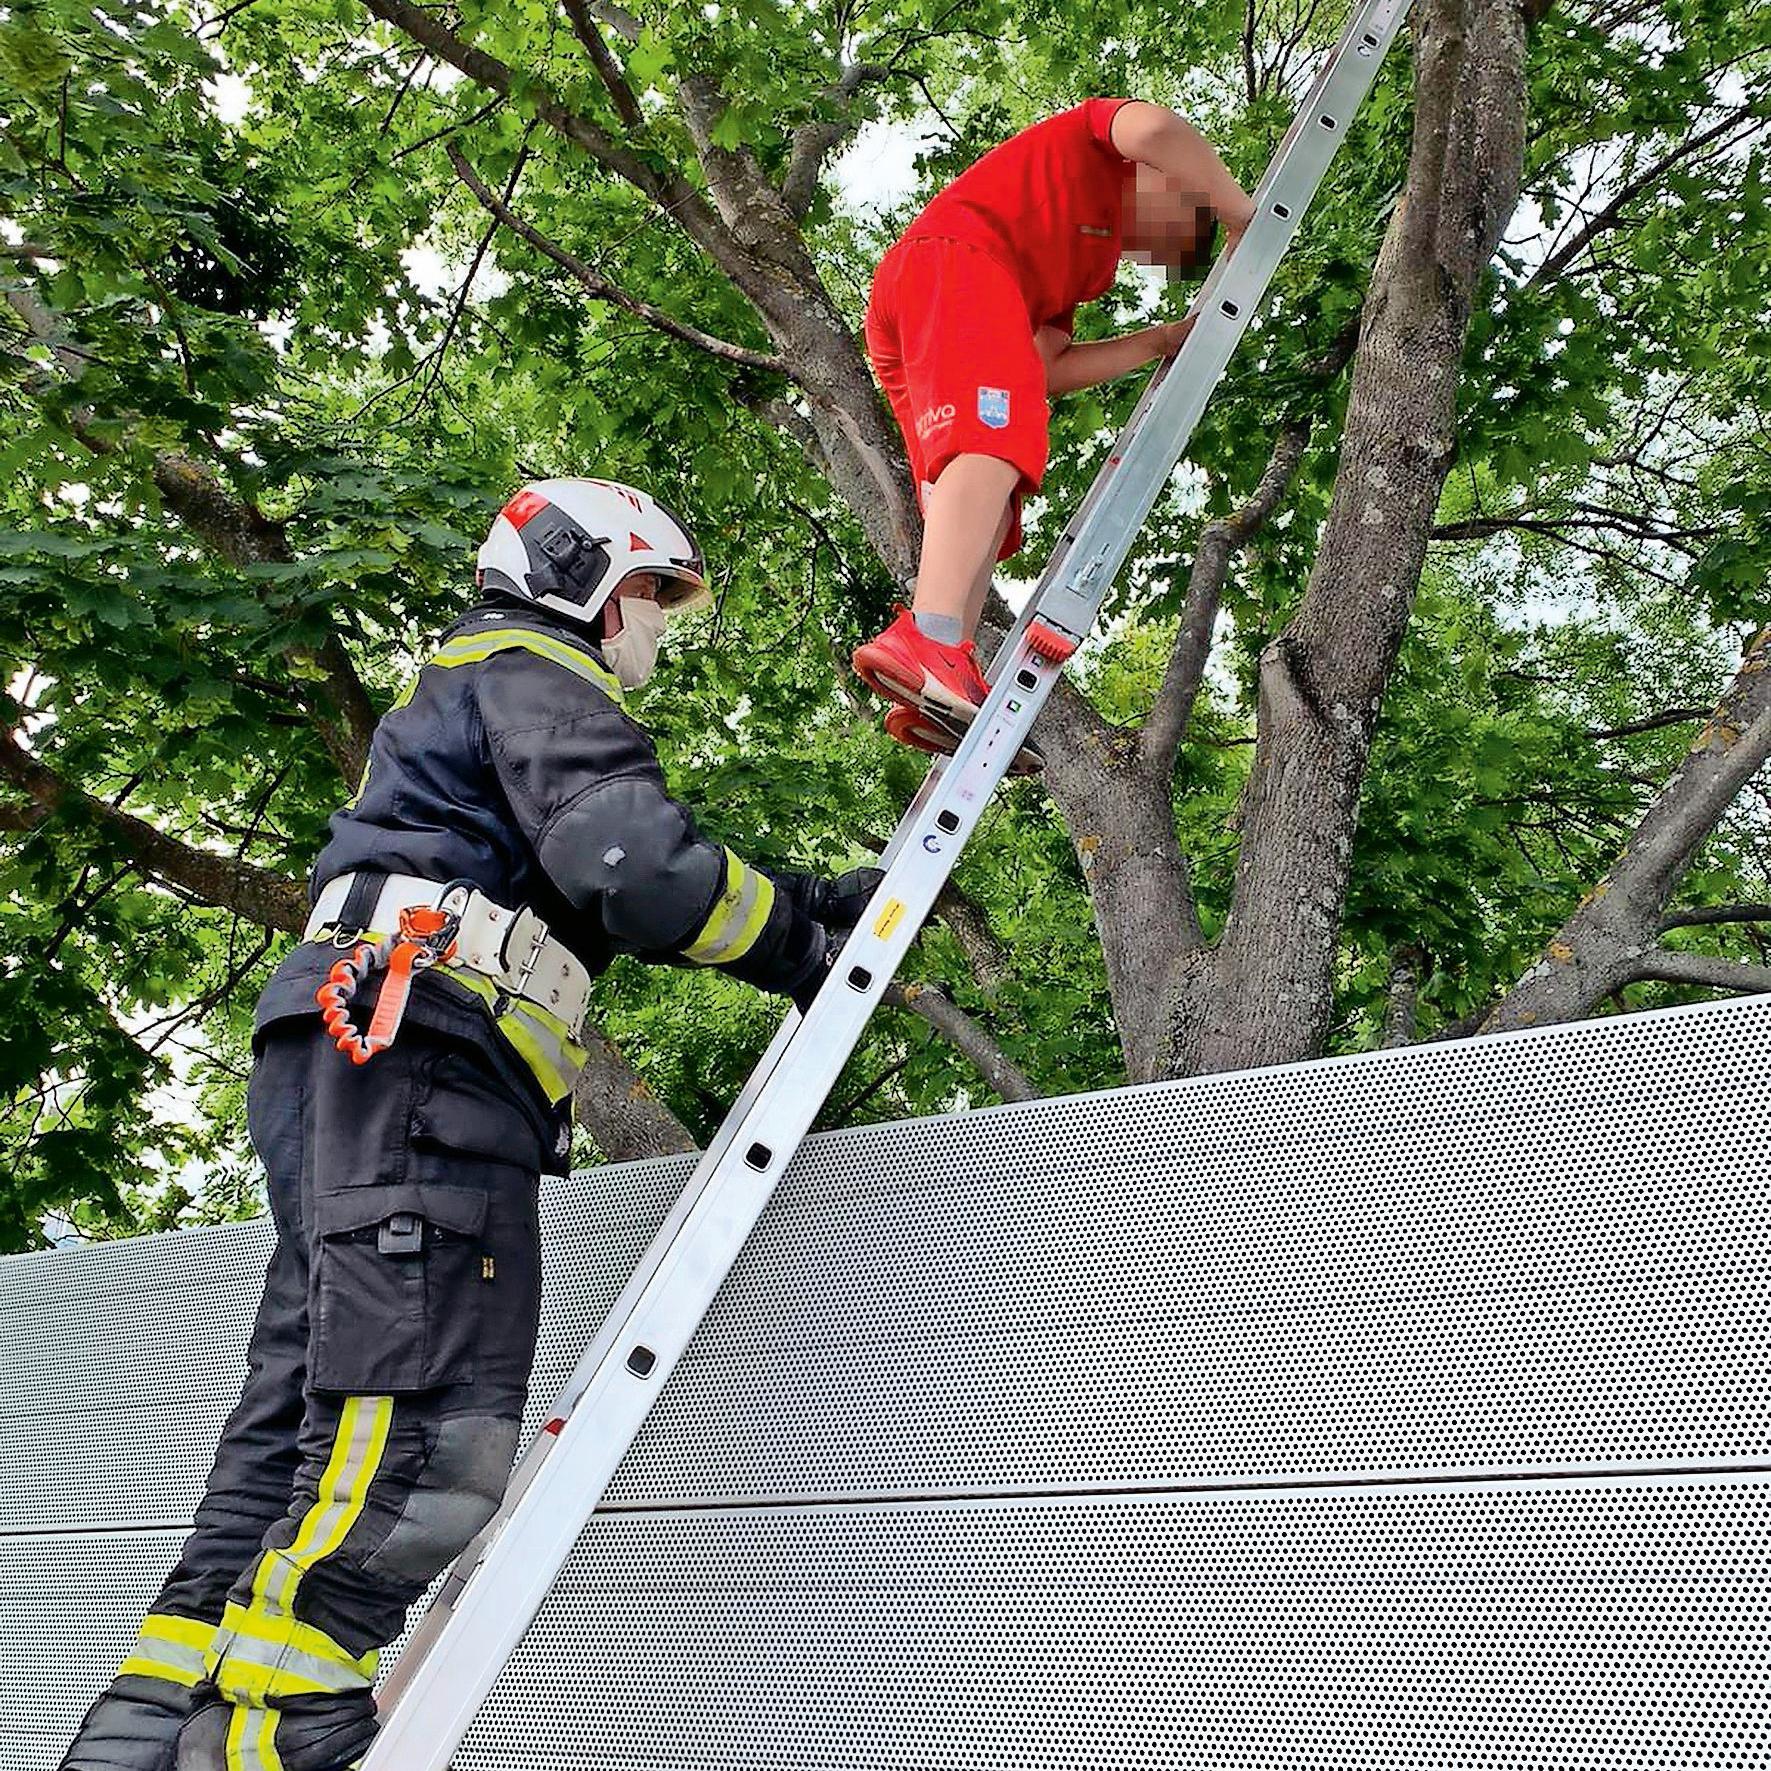 Wiener Neudorf Feuerwehr rettet Fußballer von Baum